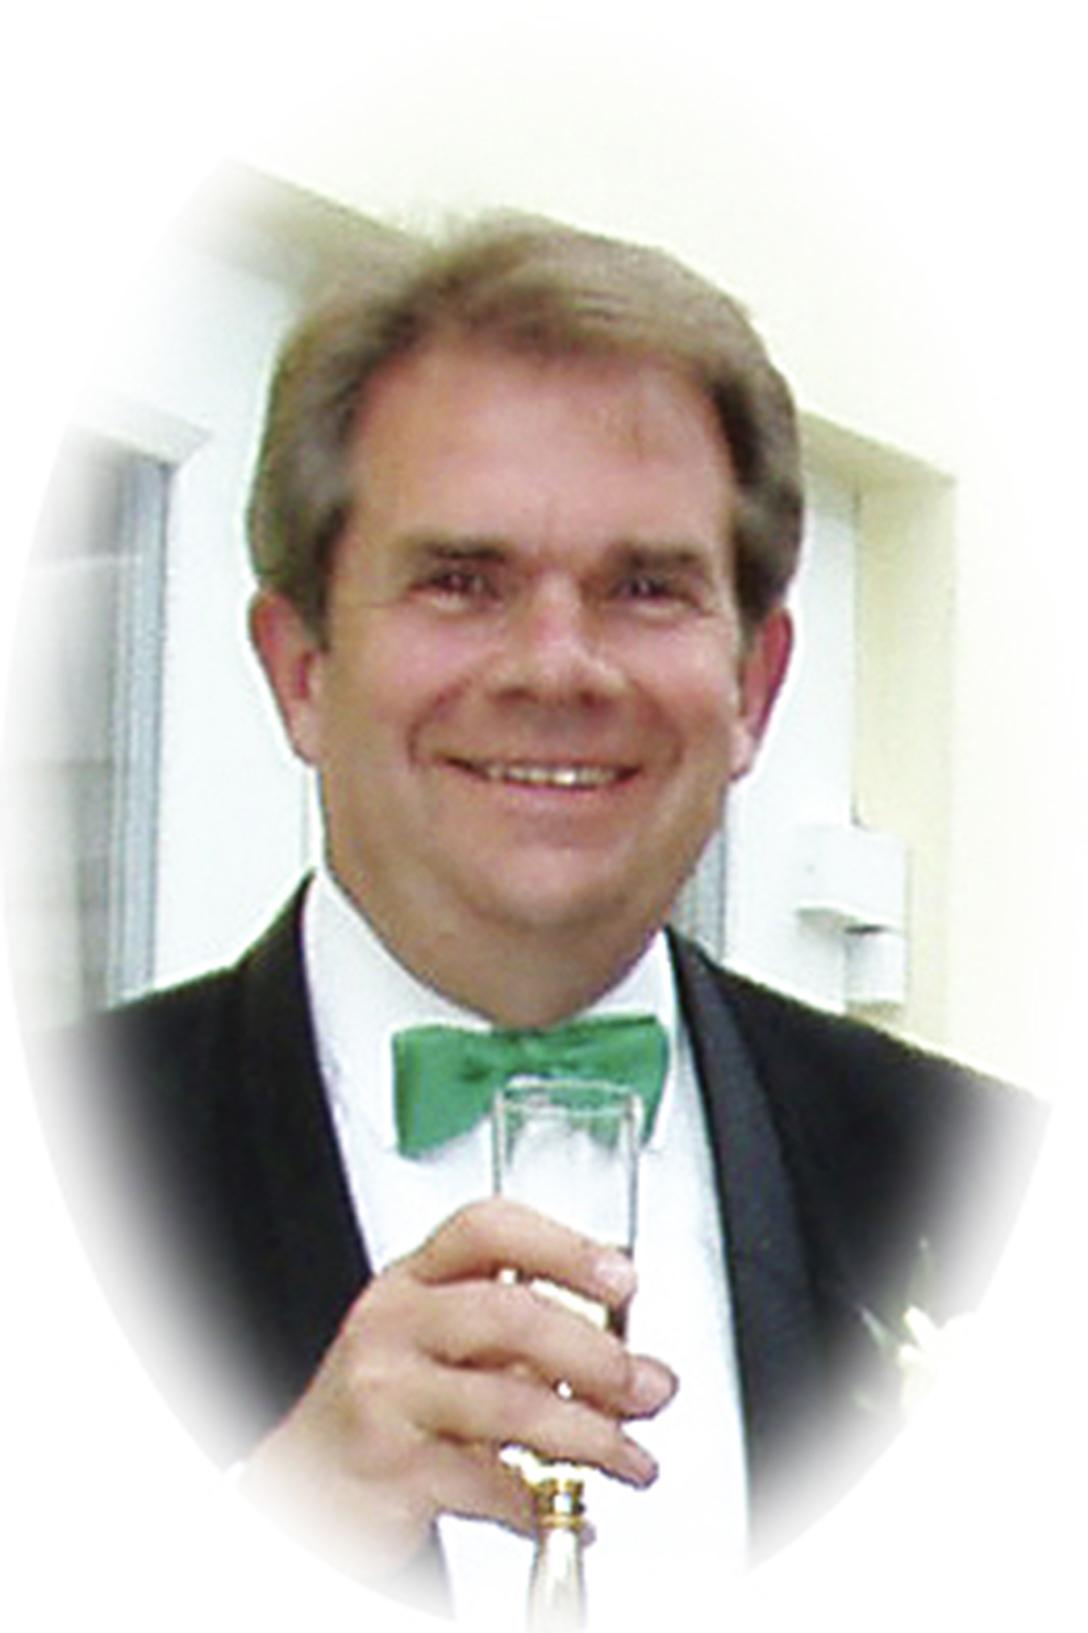 John Curgenven